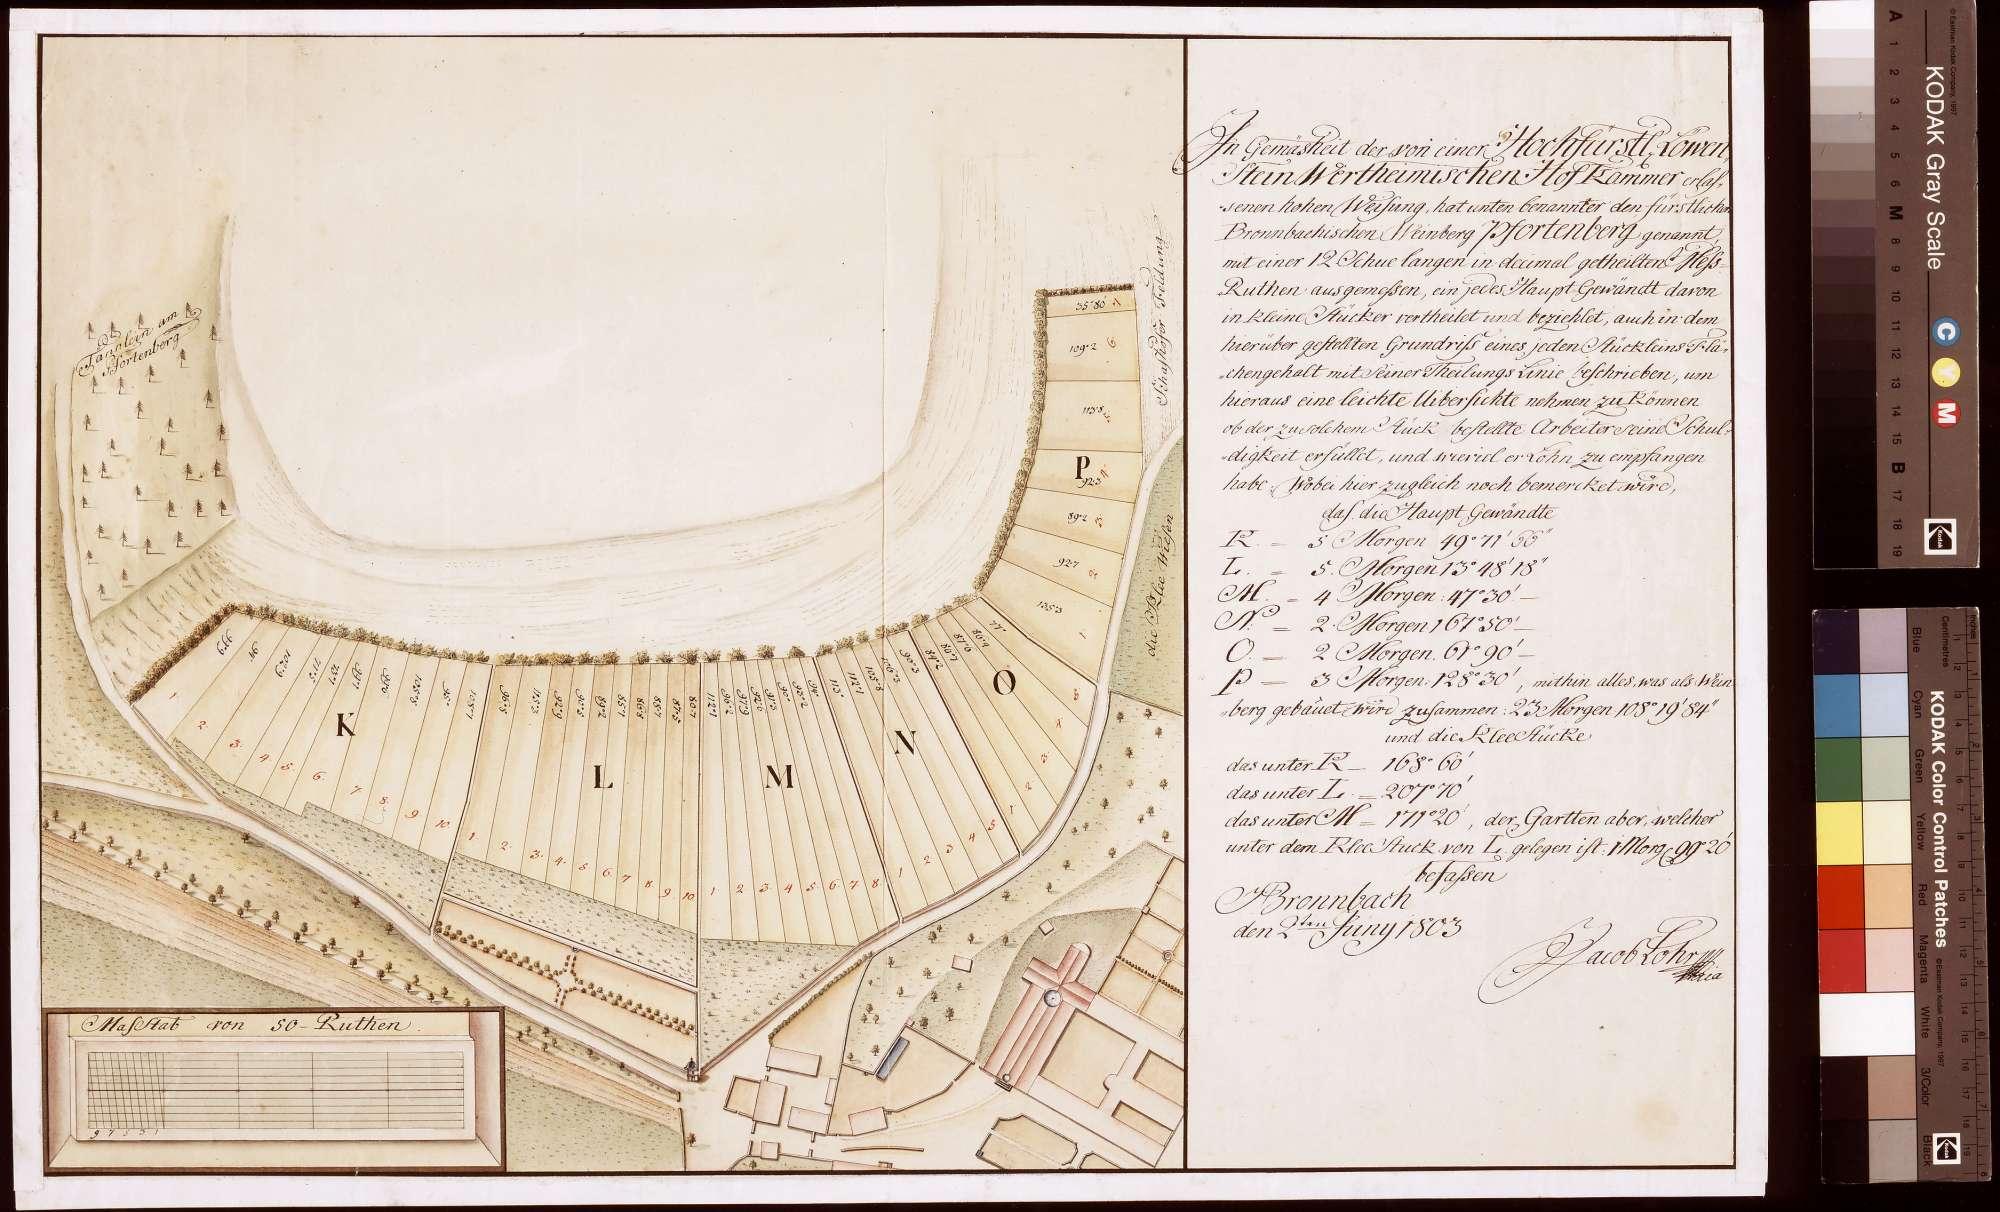 [Vermessung und Aufteilung des Pfortenweinbergs als Bemessungsgrundlage für die Besoldung der Weinbergsleute] (Inselkarte), Bild 1